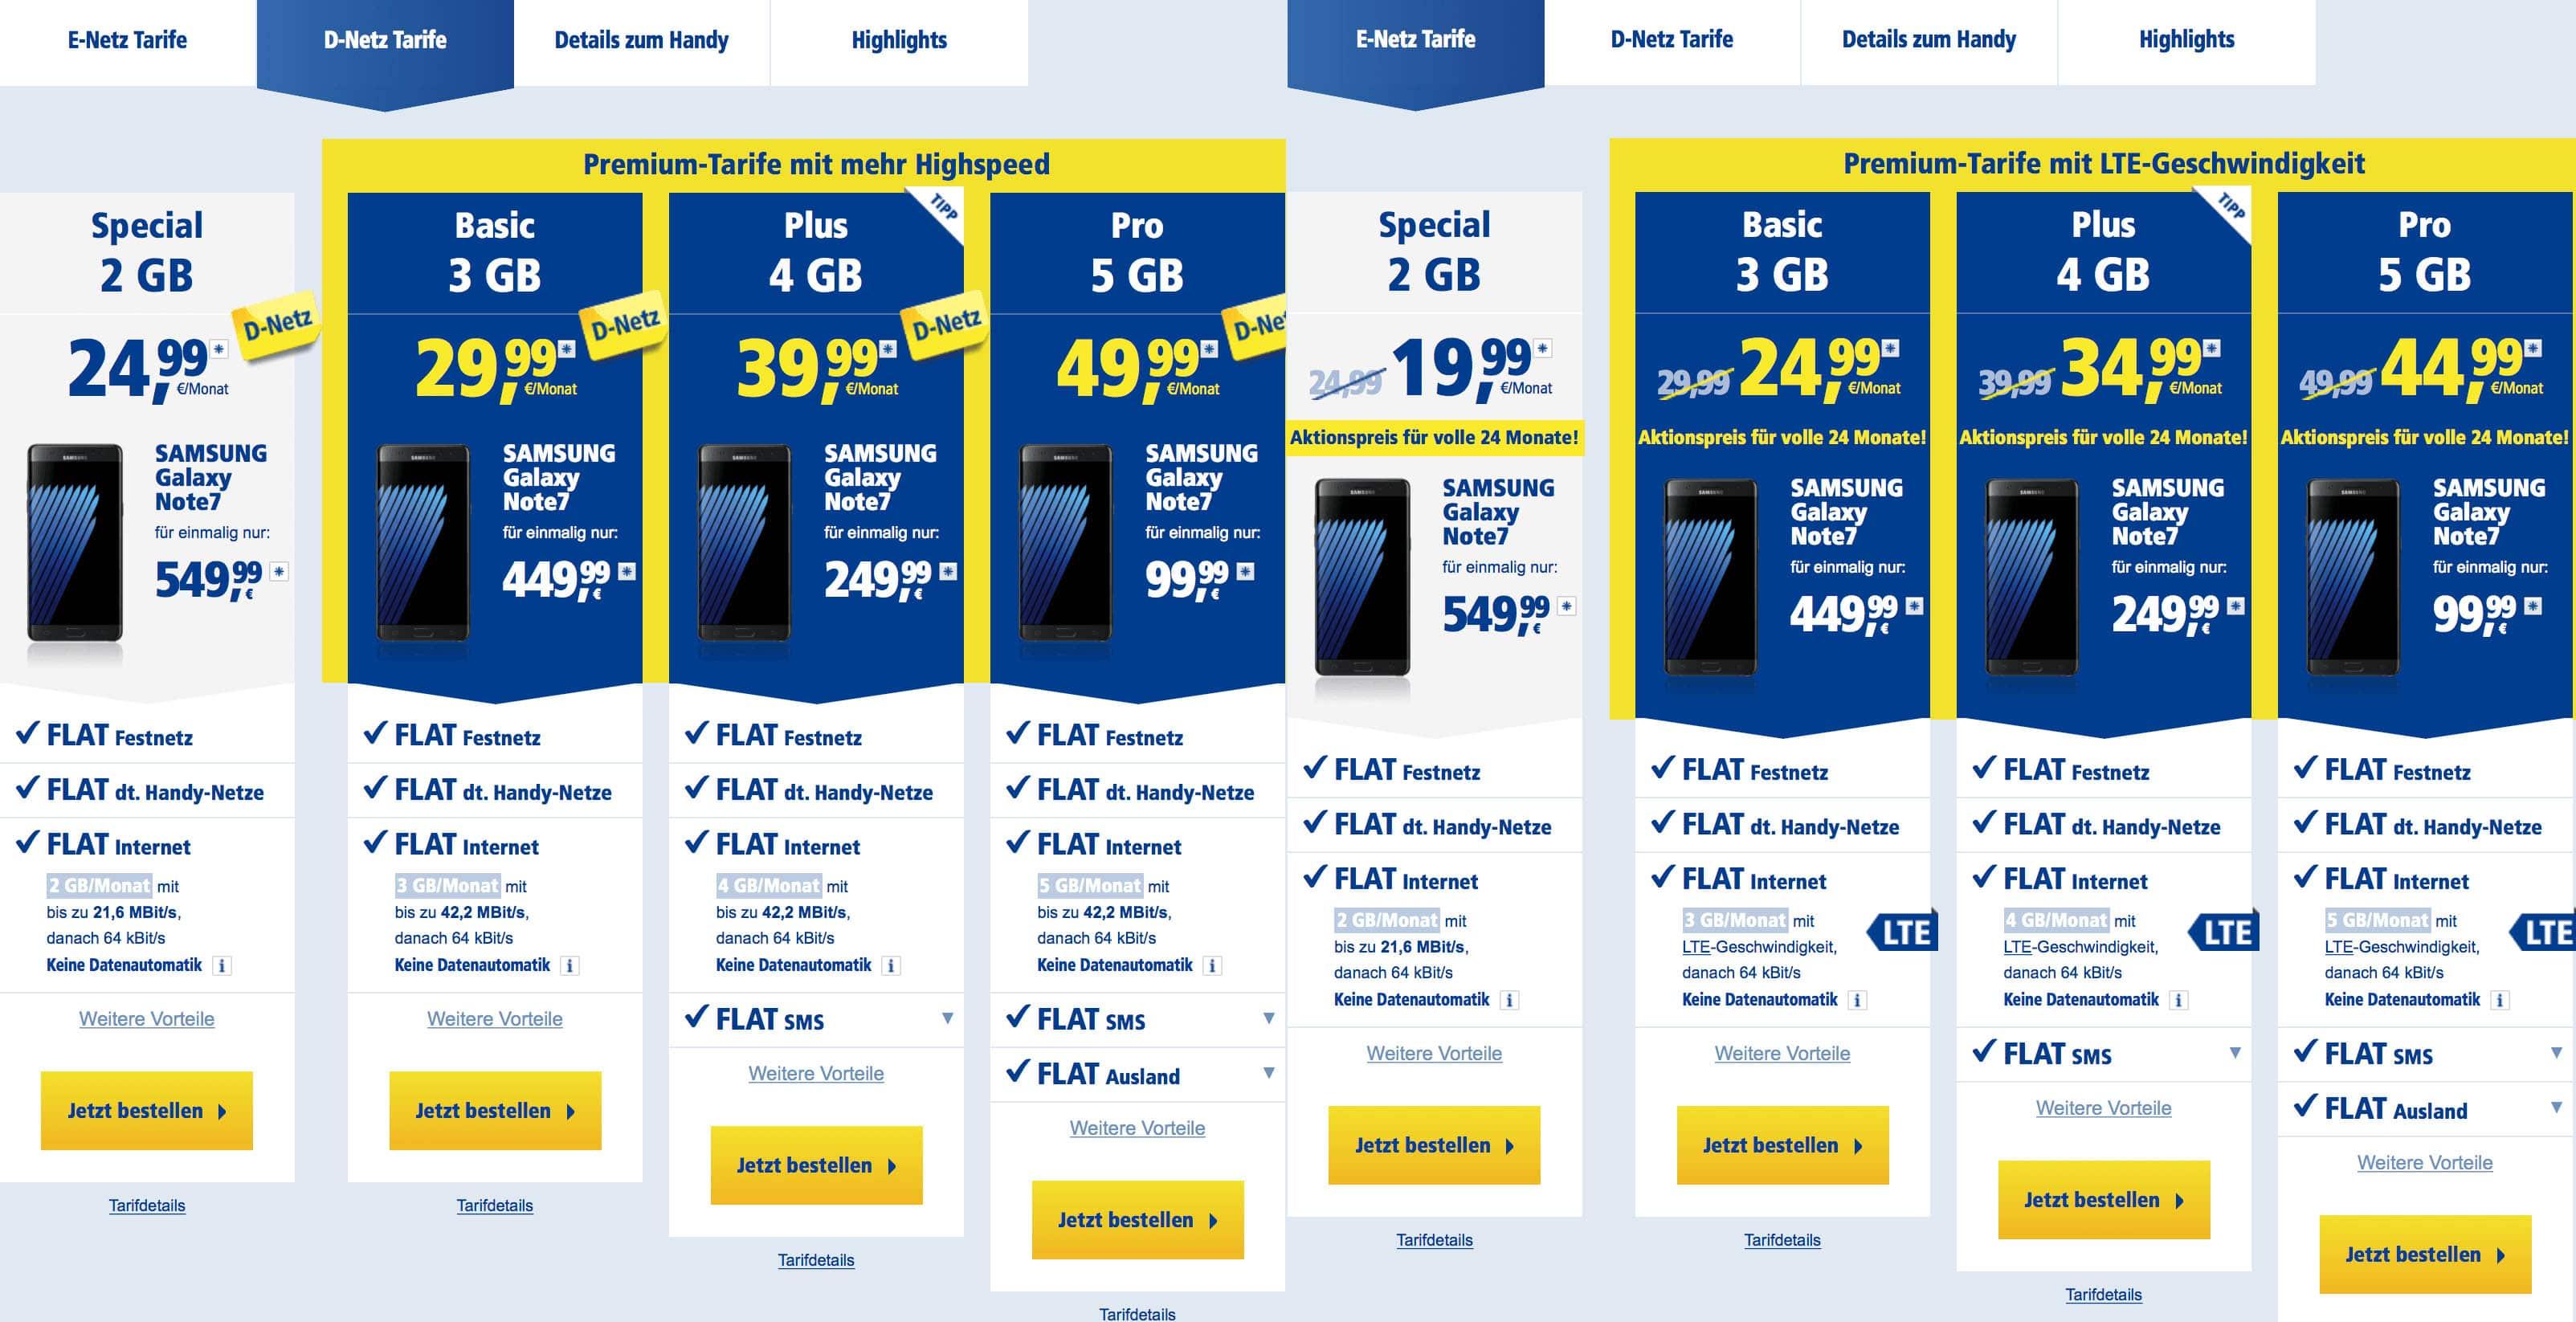 Galaxy Note 7 Preisvergleich 1und1